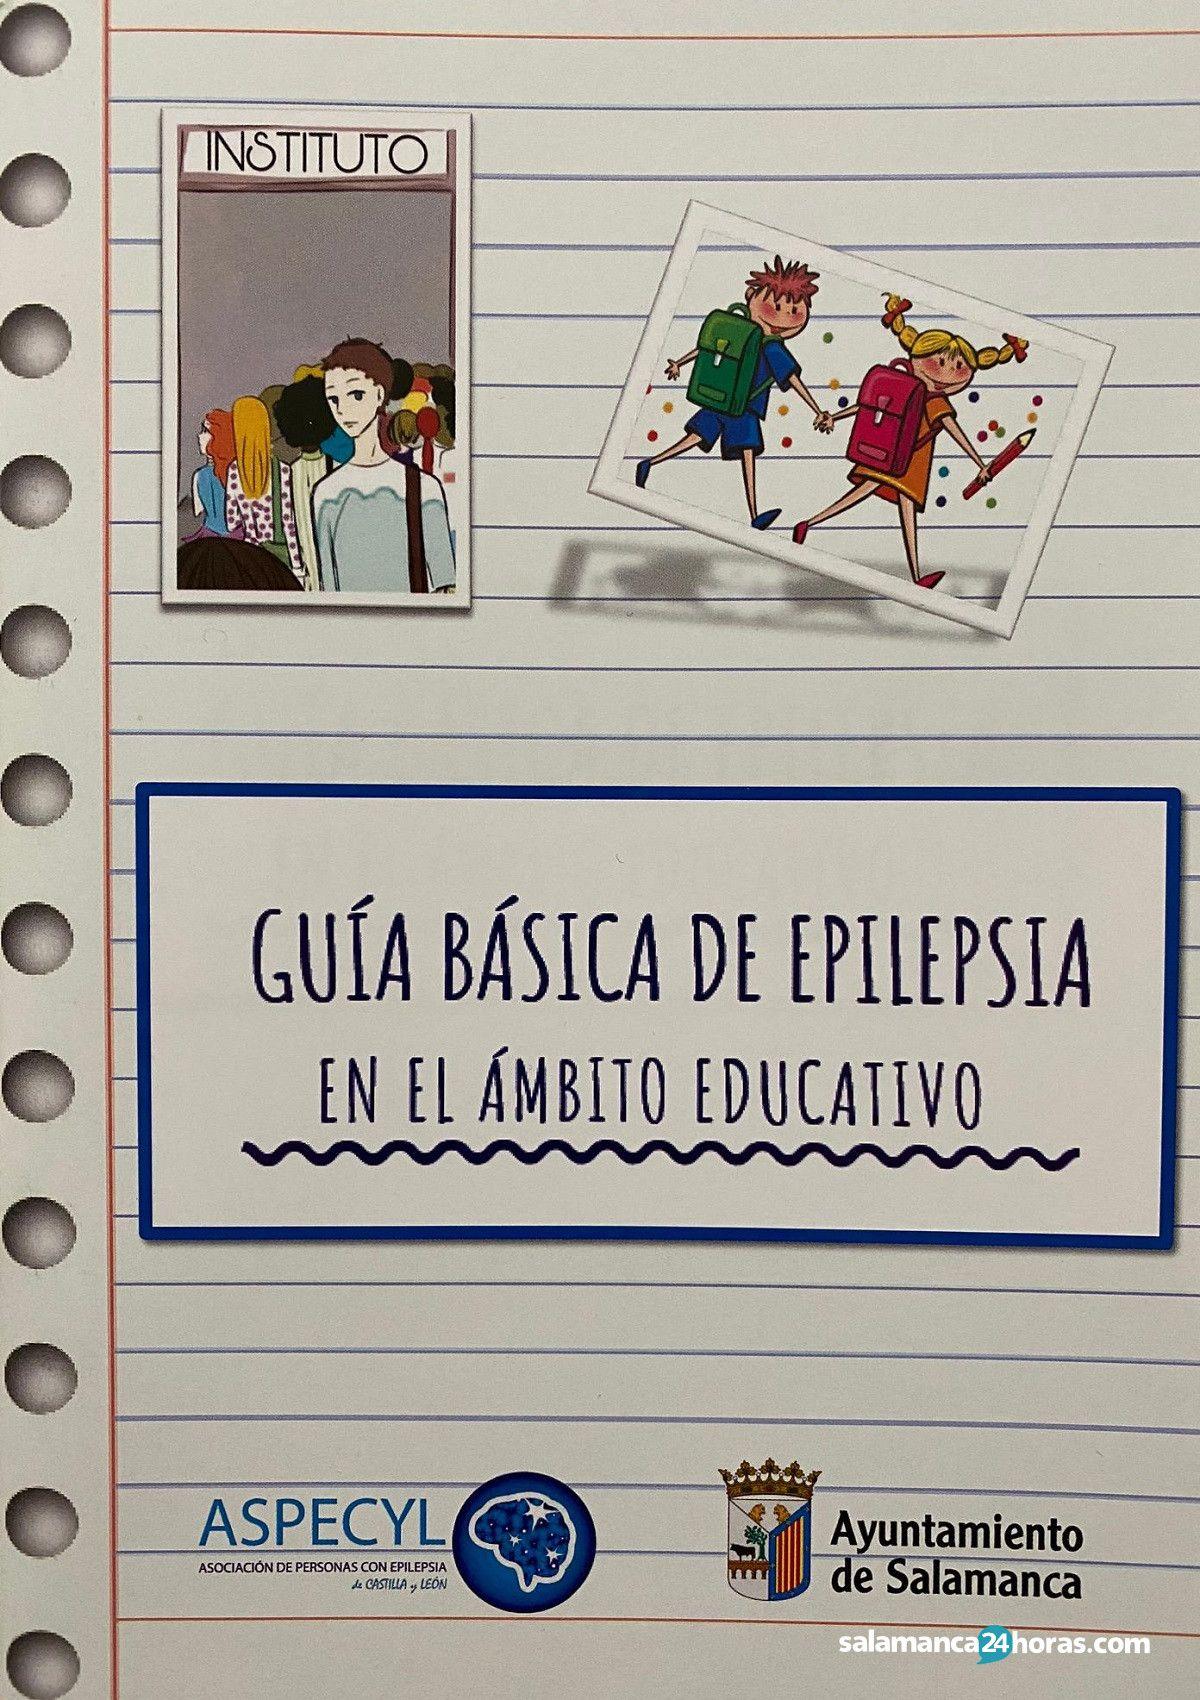 Guía básica de la epilepsia en el ámbito educativo (1)